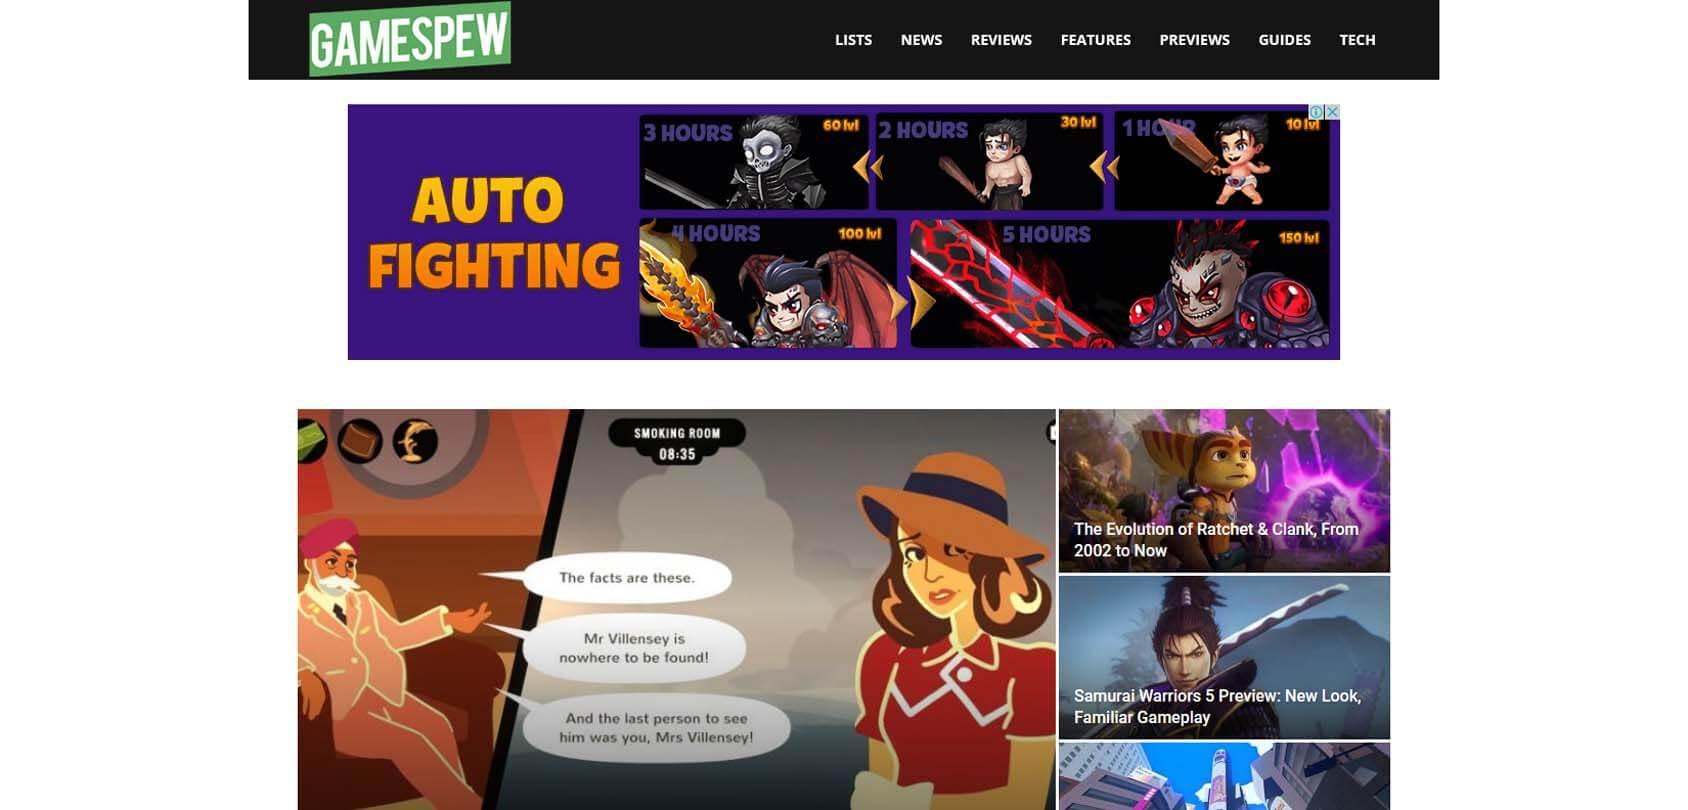 GameSpew Homepage